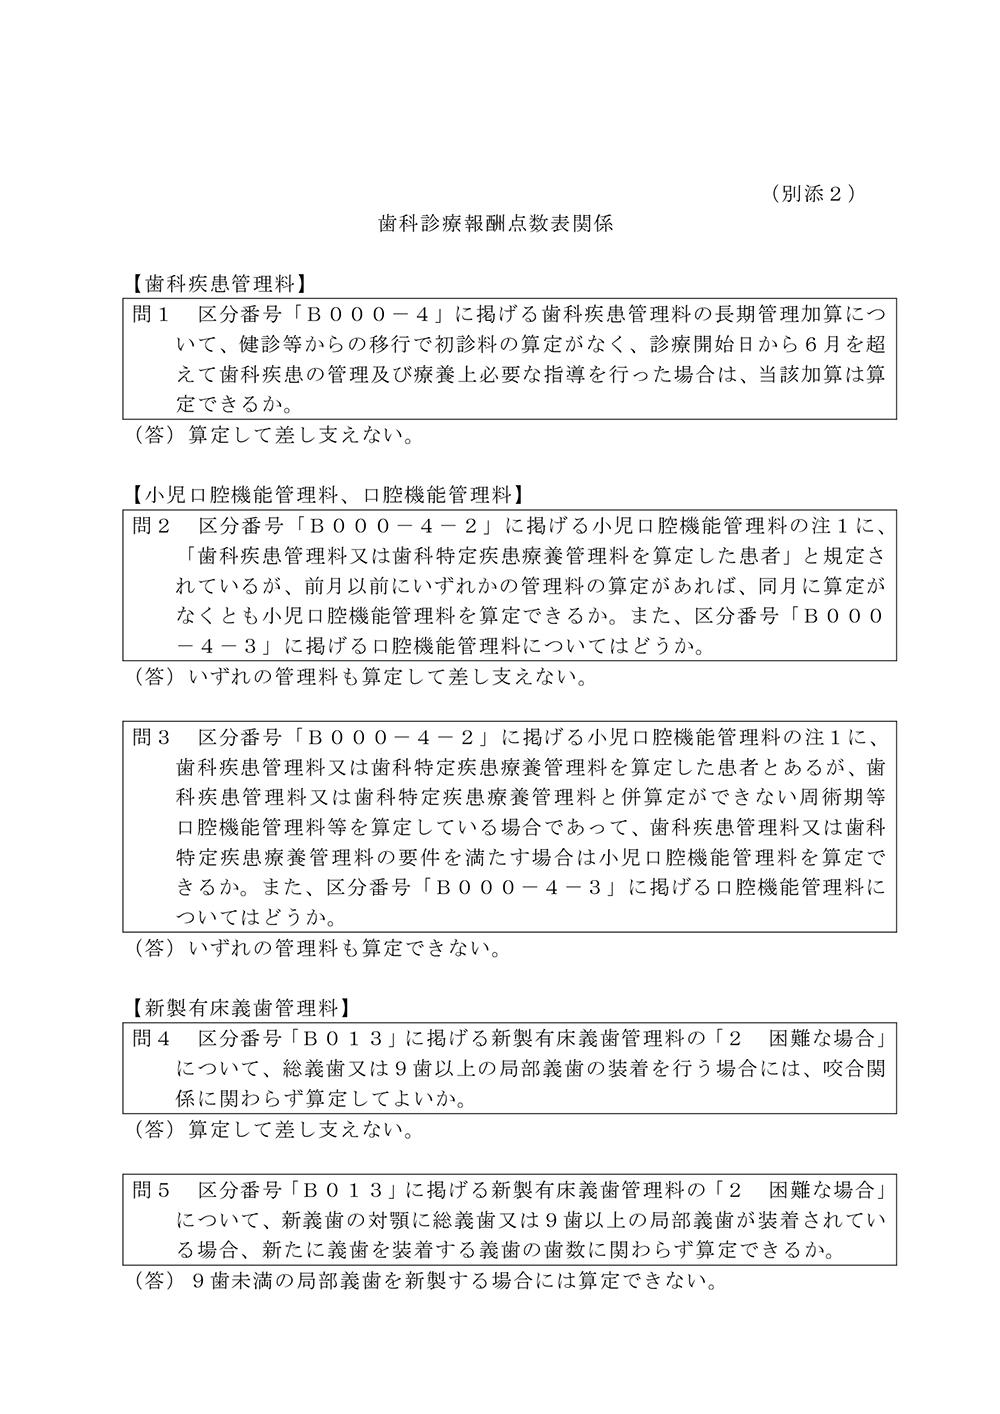 【保険】疑義解釈資料の送付について(その9